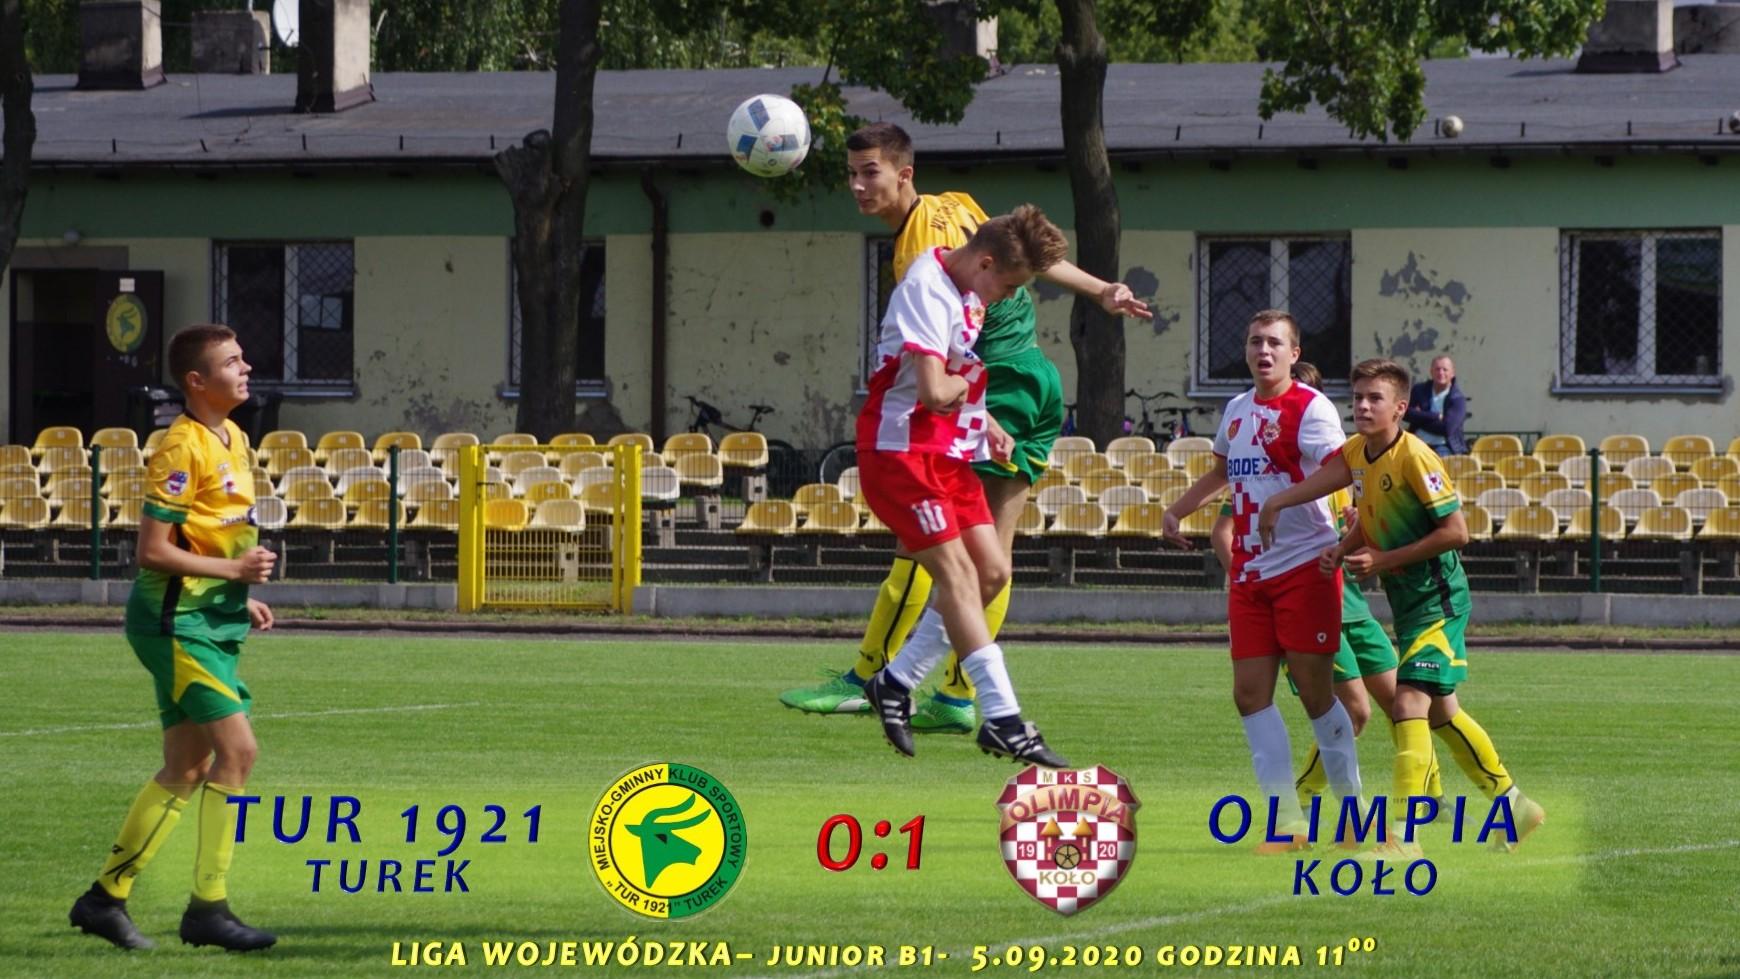 Tur 1921 Turek- Olimpia Koło 0:1, B1